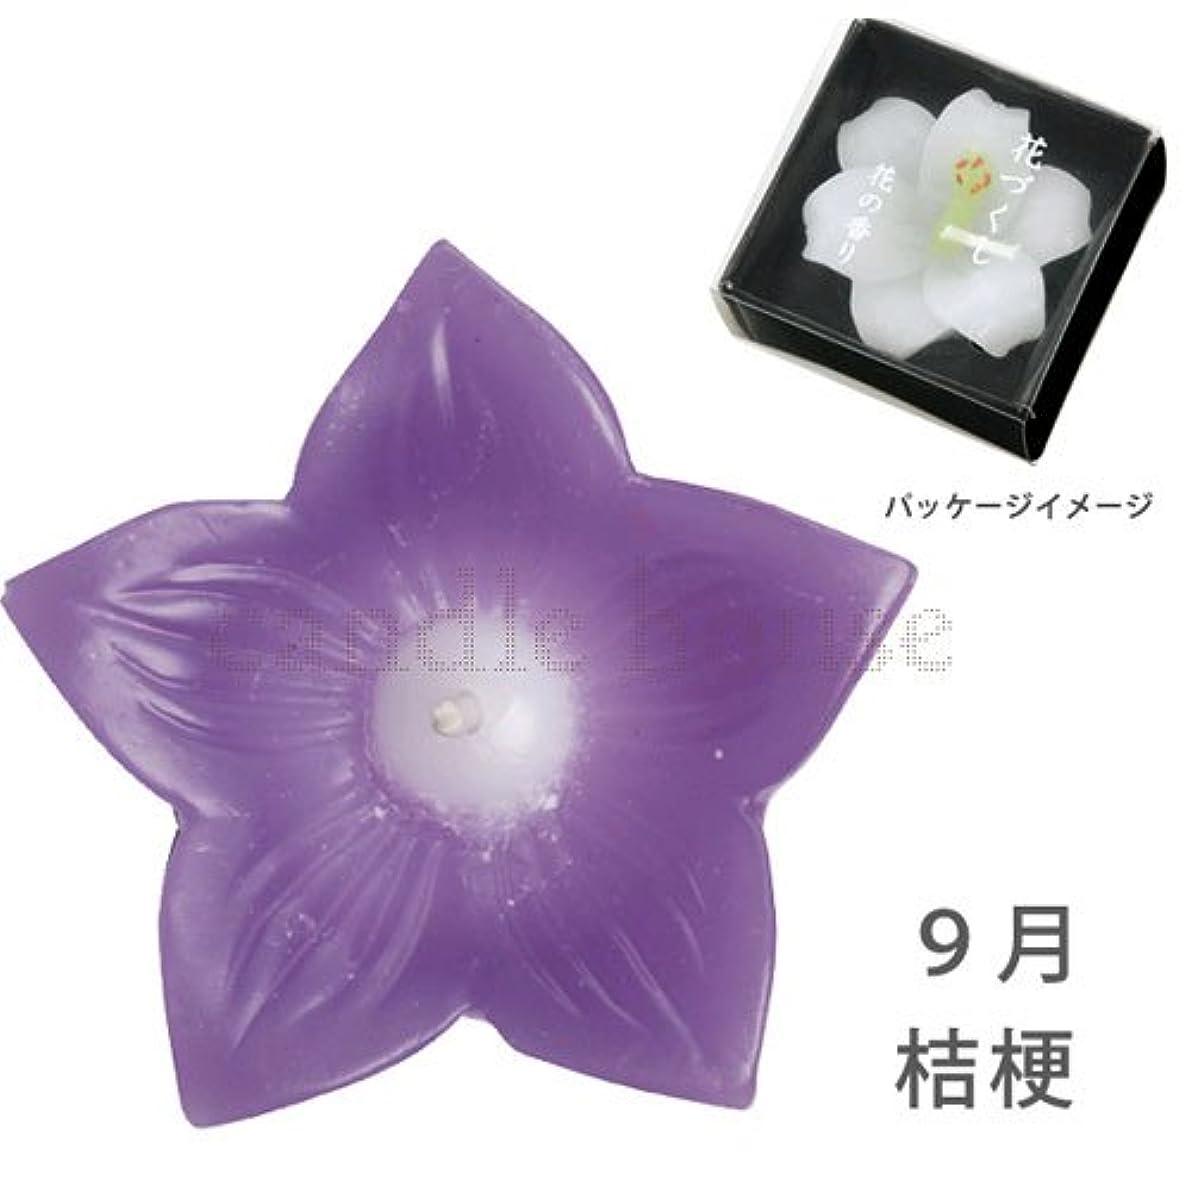 梨微弱フェードアウトカメヤマキャンドル 花づくし(桔梗)